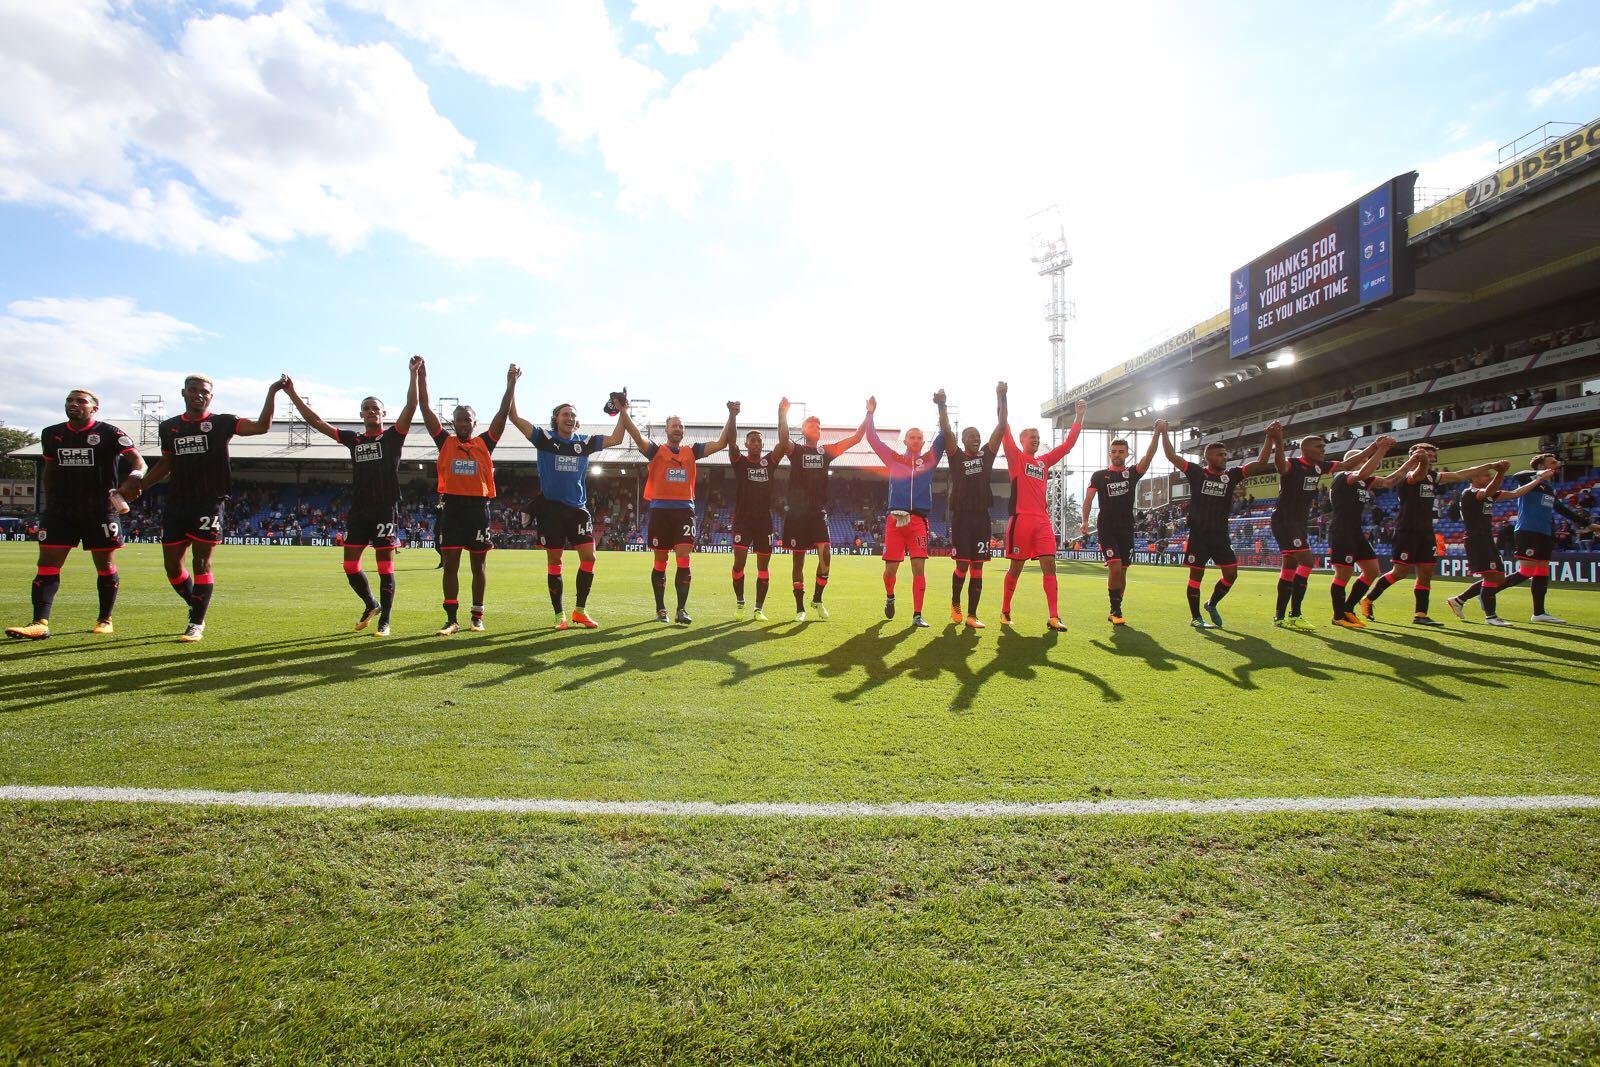 [Premier League] Premiers pas dans la cour des grands pour Huddersfield Town